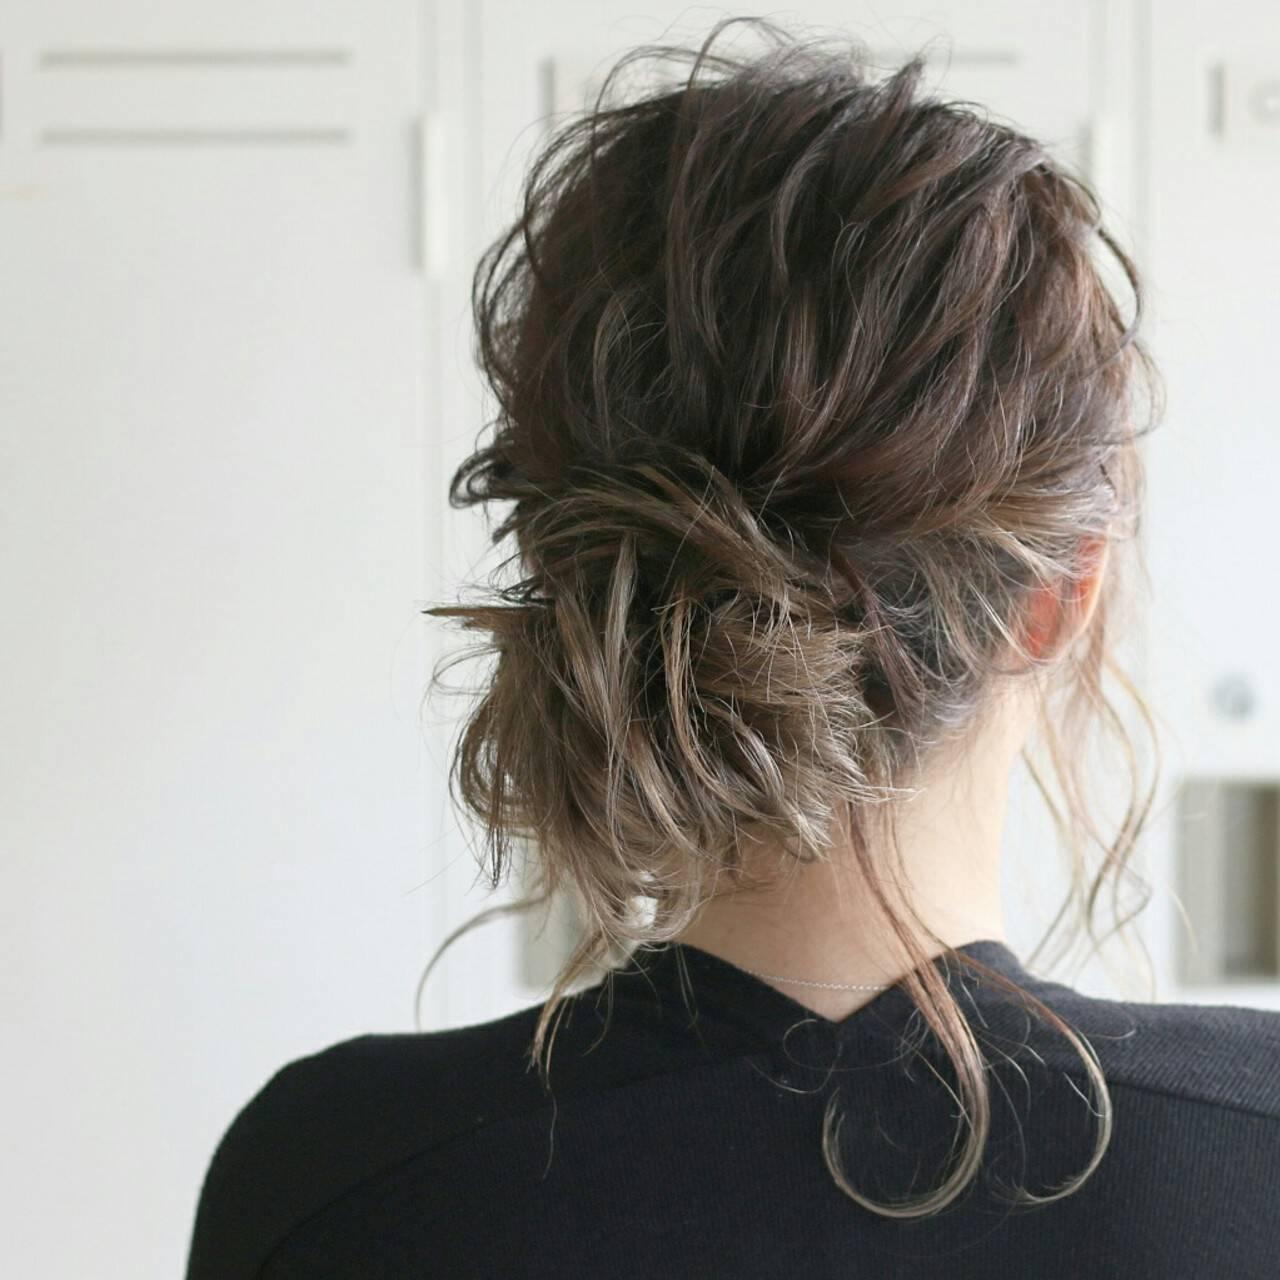 セミロング 結婚式 外国人風 ショートヘアスタイルや髪型の写真・画像